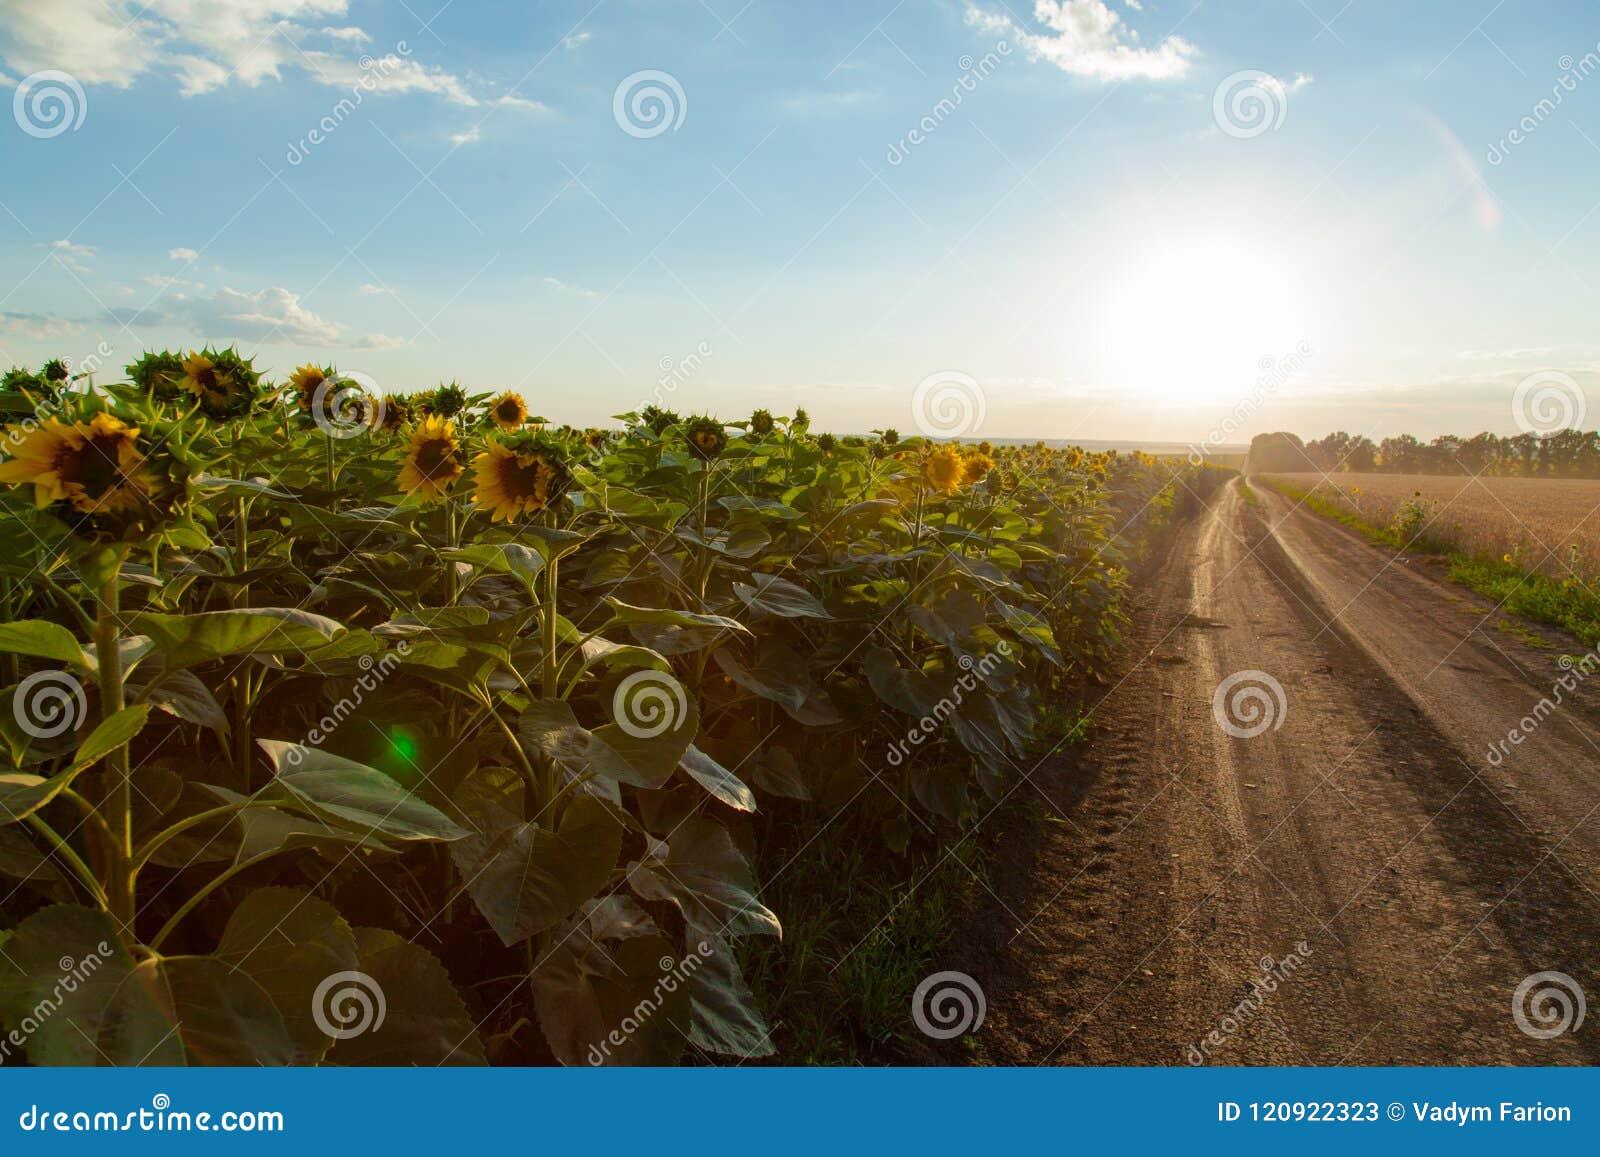 Solrosfälten på som lämnas grusvägsidorna i horen